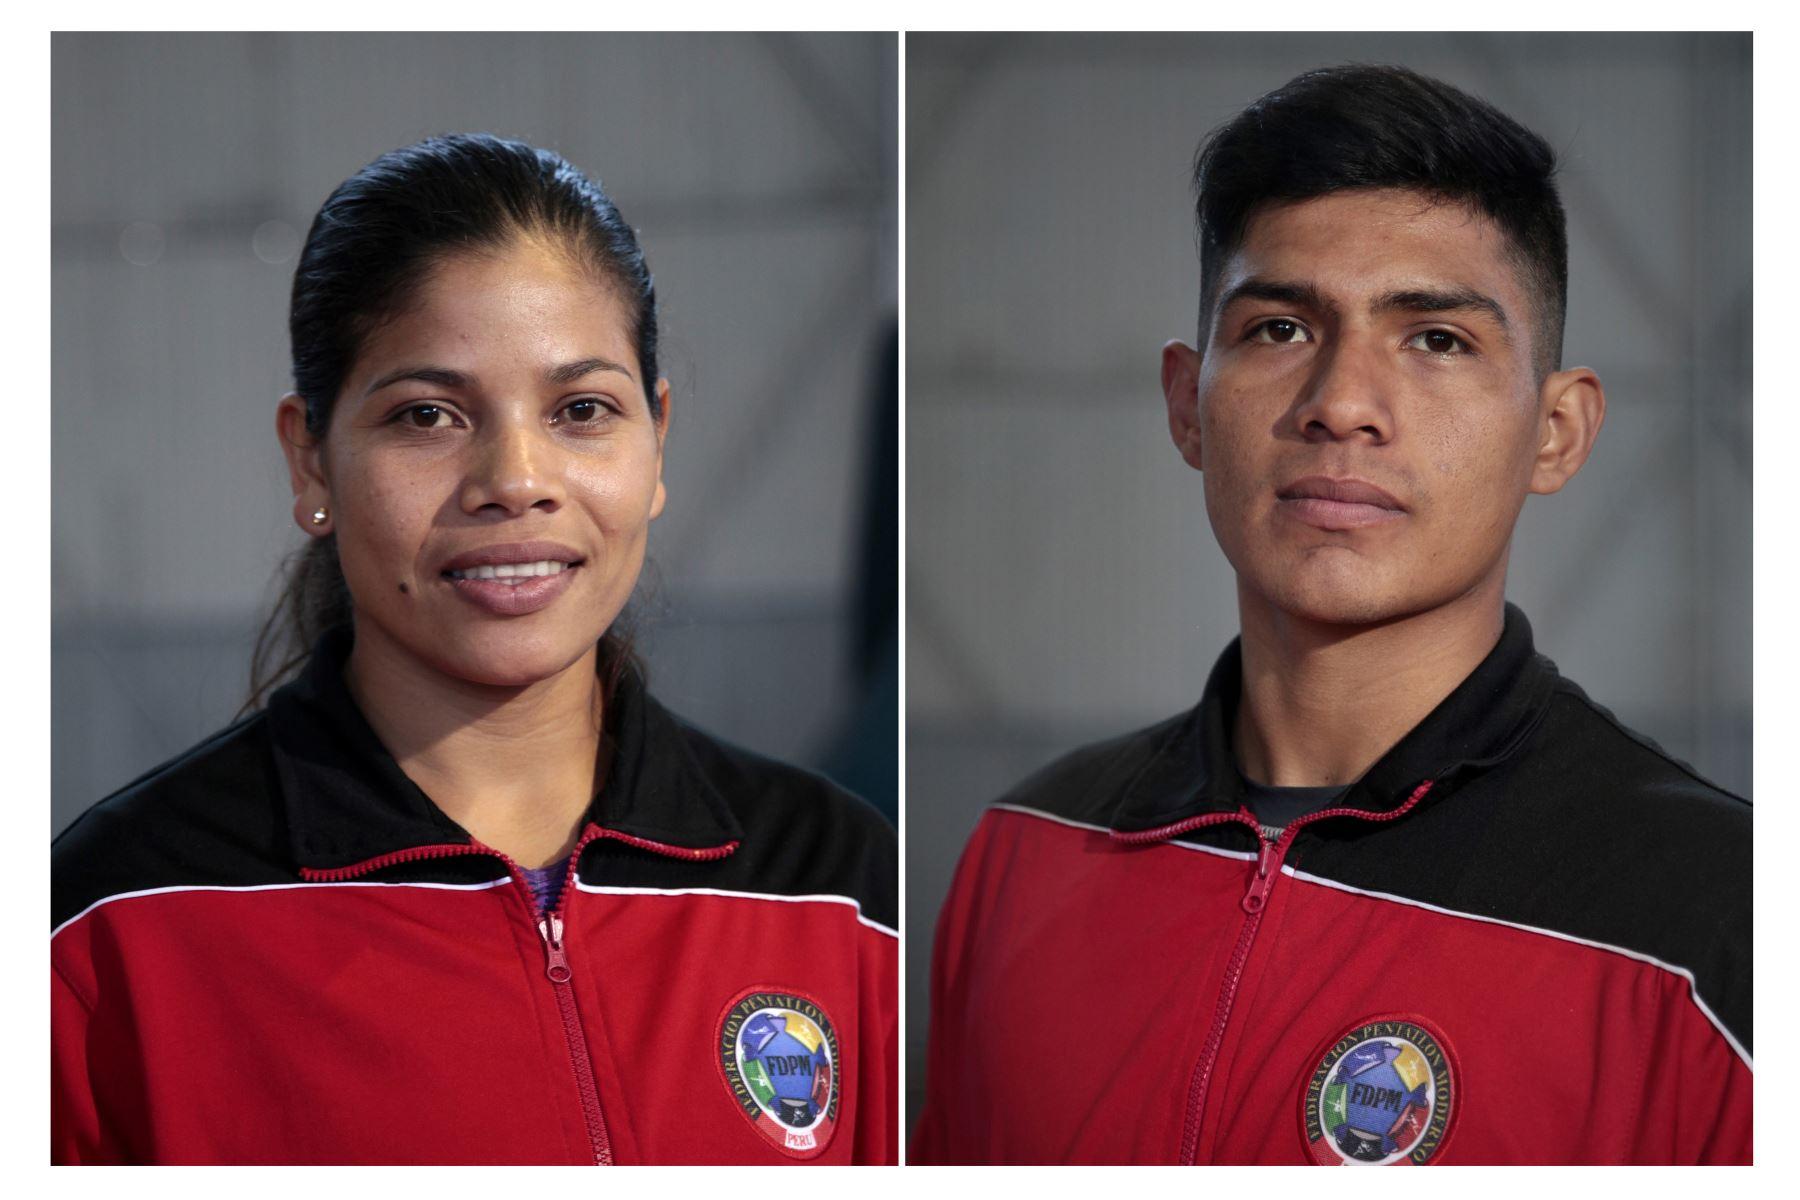 Deportistas militares clasificados a los Juegos Panamericanos Lima 2019. Juan Condori Montero y Jane Vanessa Colins Pereira. Foto: ANDINA/Miguel Mejía Castro